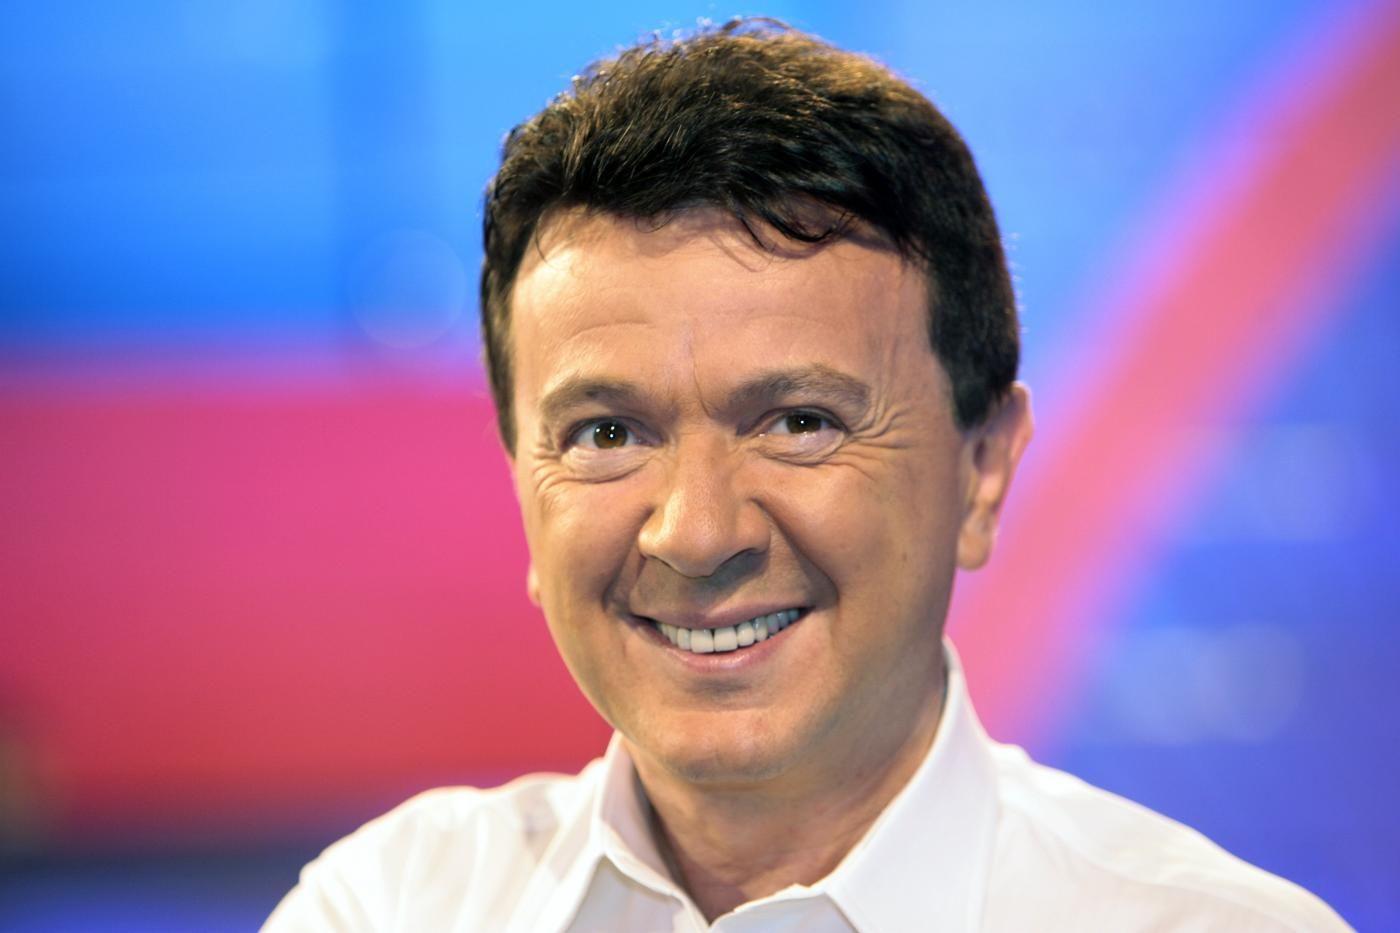 """MILANO Il cantante Pupo spiazza tutto i radioascoltatori mentre viene intervistatodurante il programma di Radio 24""""La Zanzara"""". La vita sessuale di Pupo"""